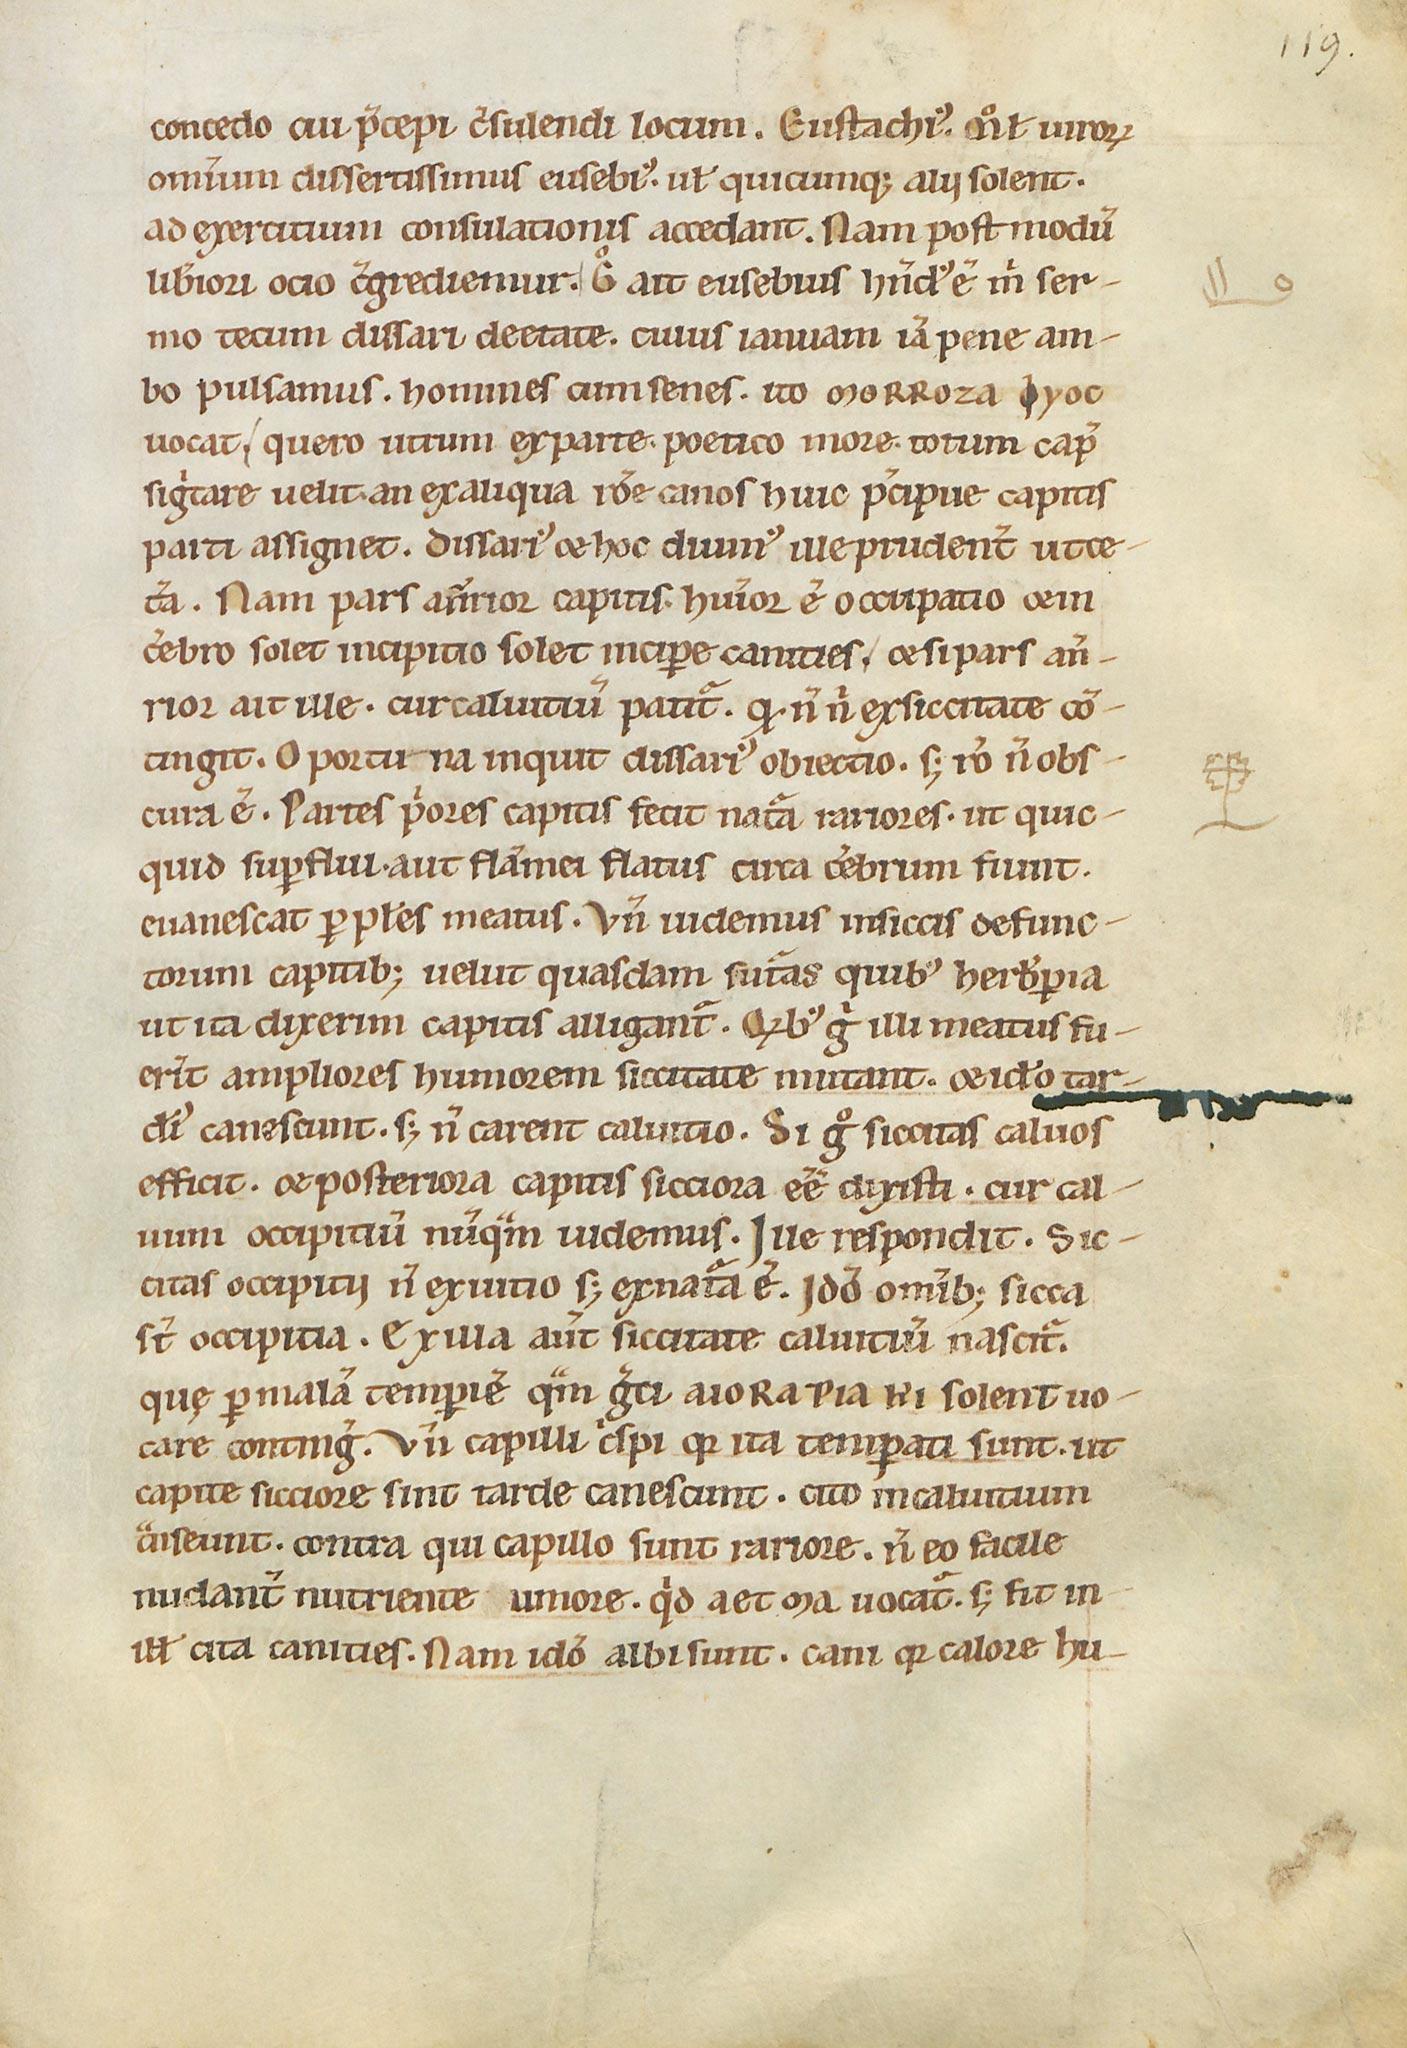 Manuscrit-Saturnales-119r°